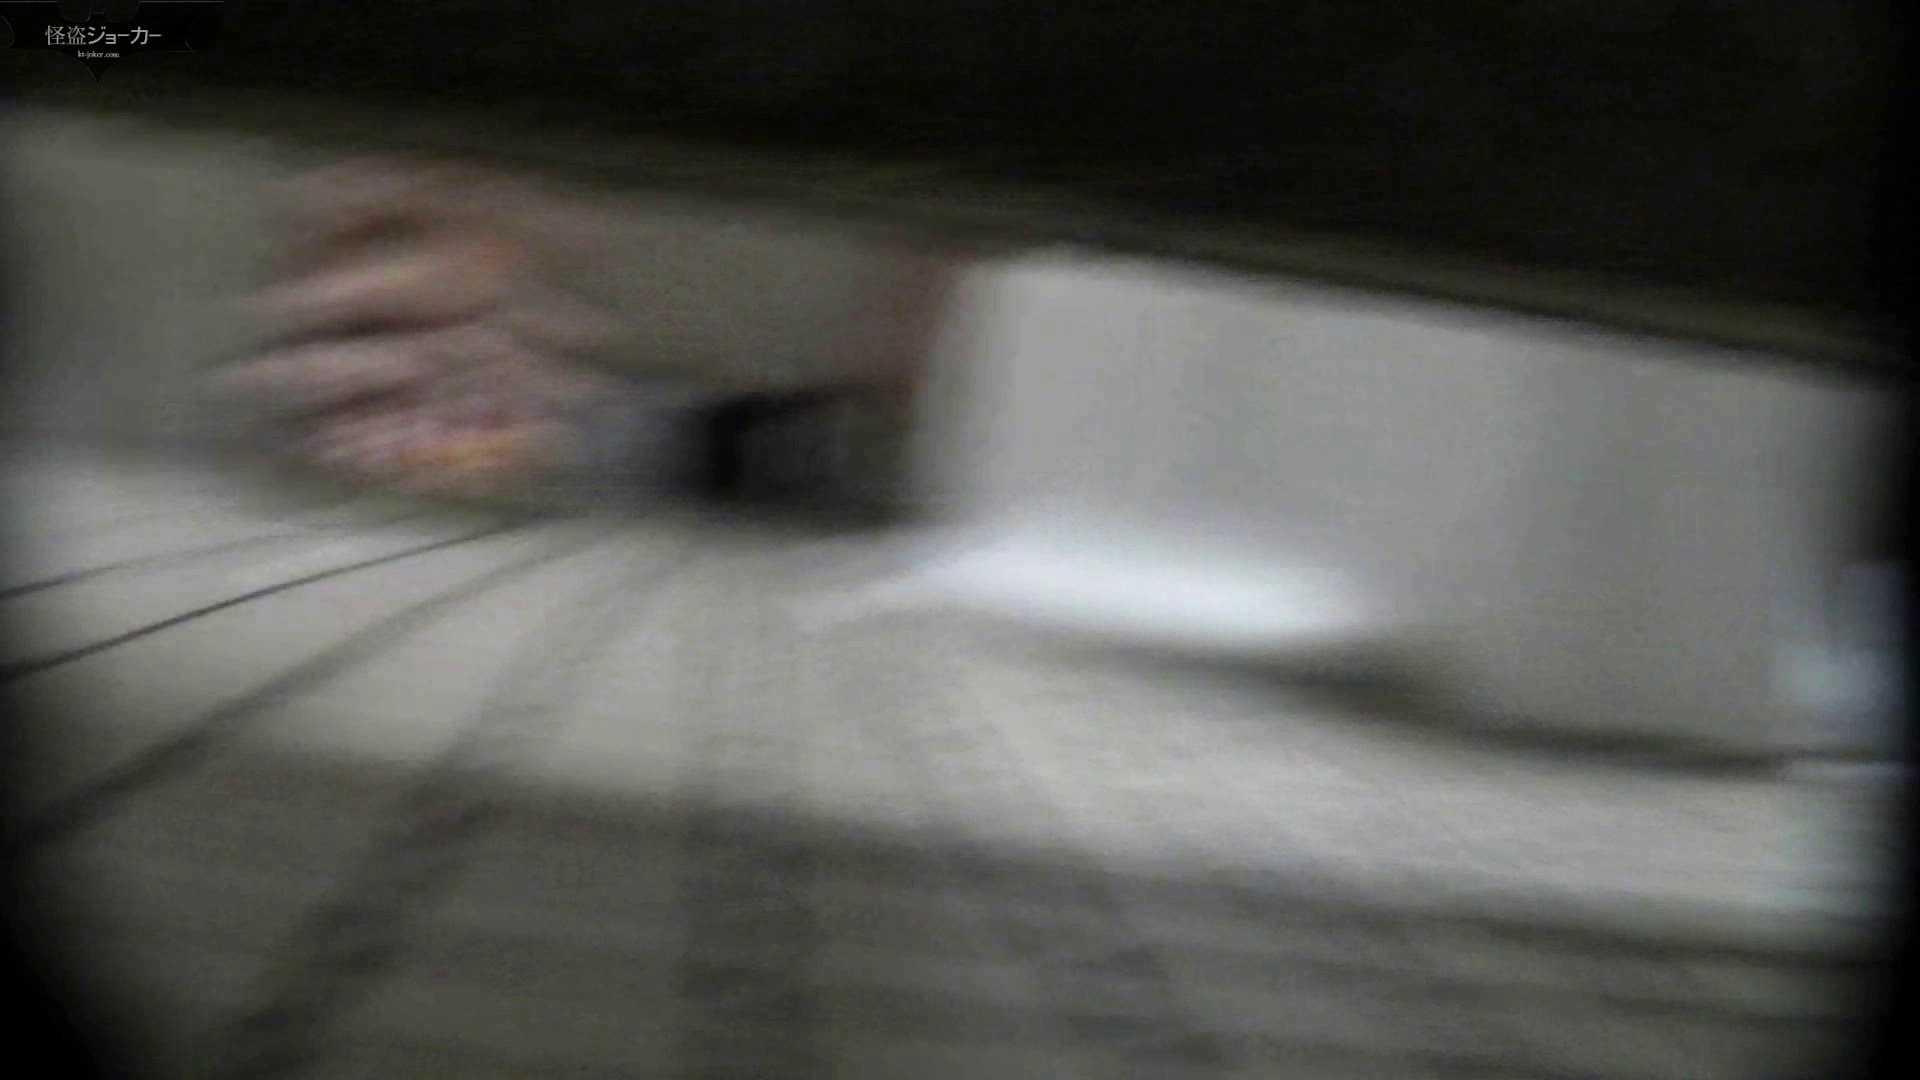 【美しき個室な世界】洗面所特攻隊 vol.051 洗面所  72PIX 60